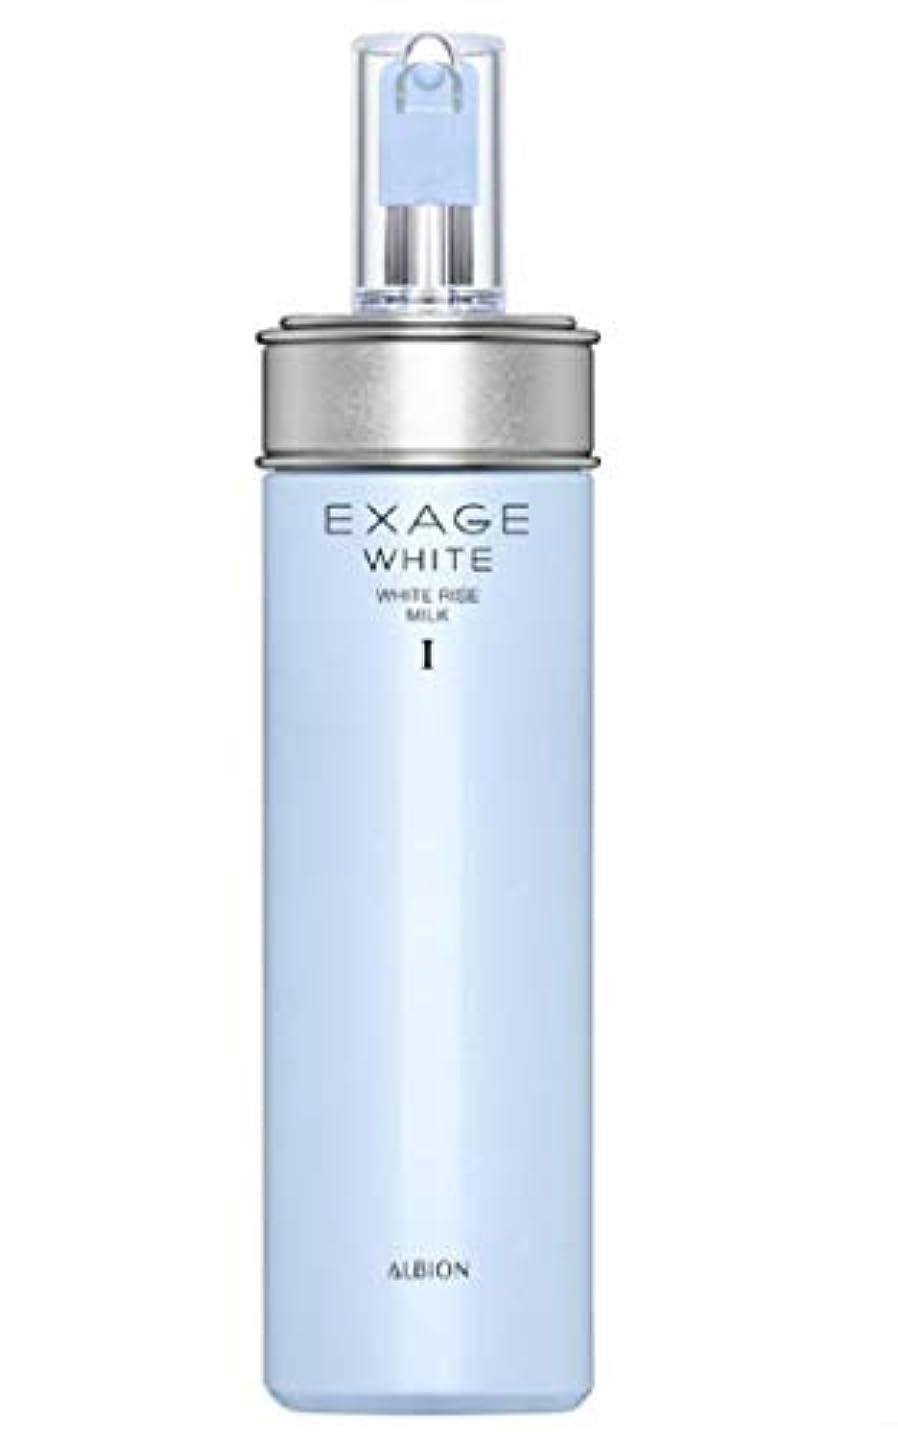 デンプシーレース系譜アルビオン(ALBION) ホワイトライズ ミルク I 200g <3月18日新発売商品>